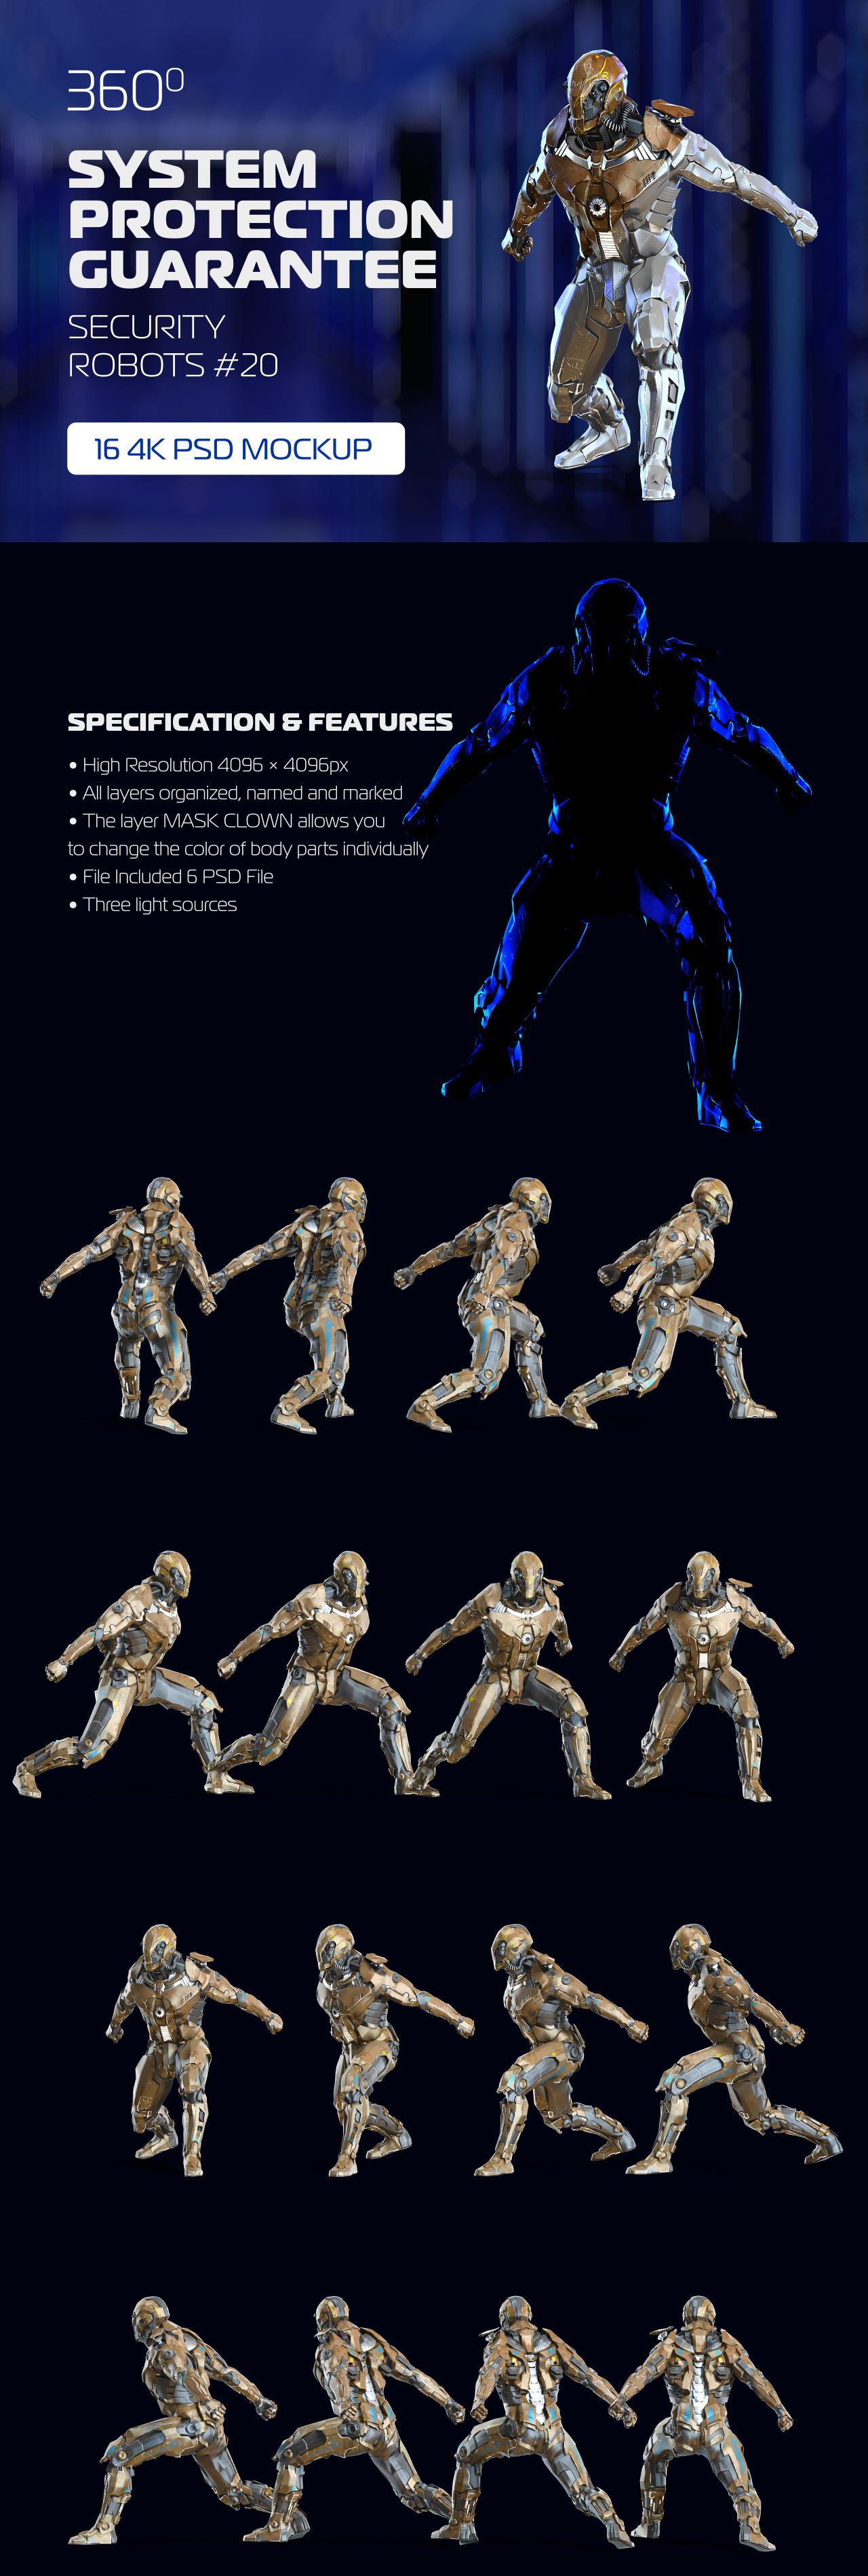 3D Mockup Security Robots #20